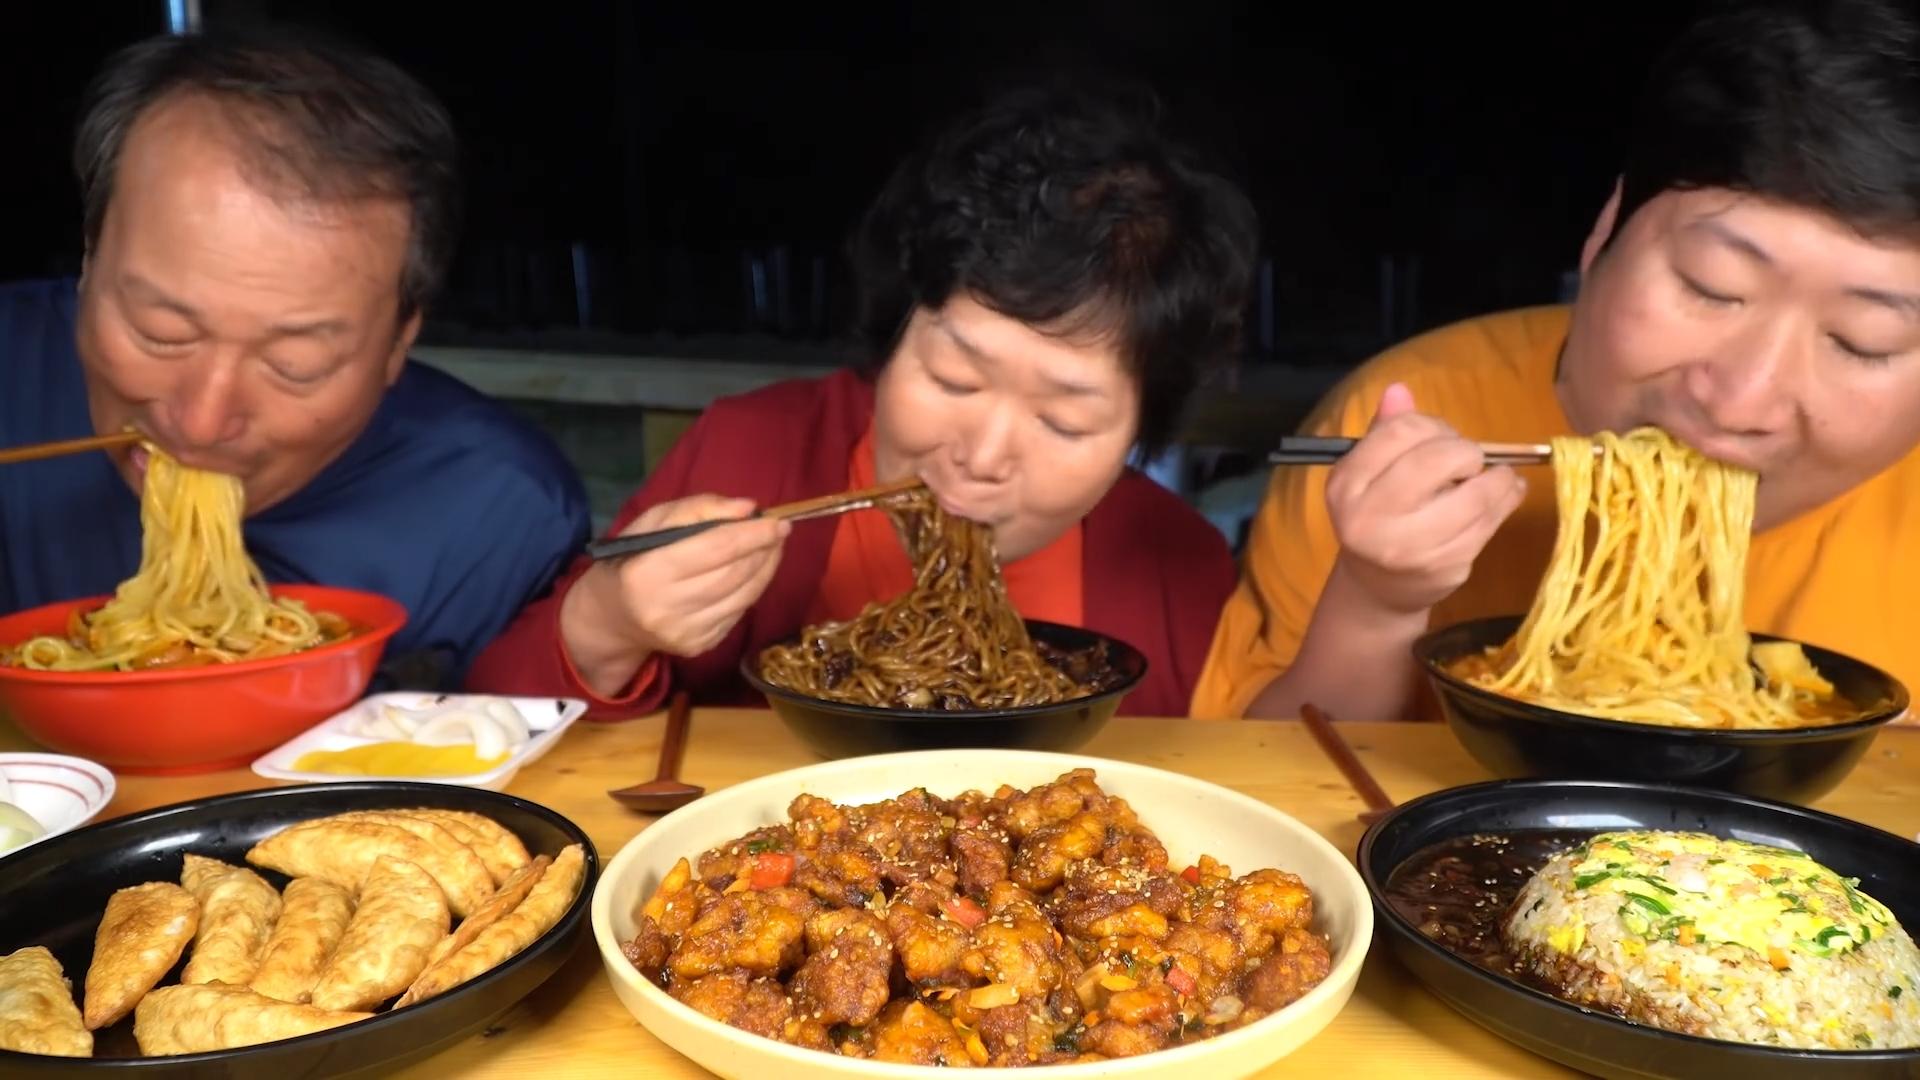 下雨天吃中华料理,大碗海鲜面和炸酱面,配上炒饭炸鸡超好吃!